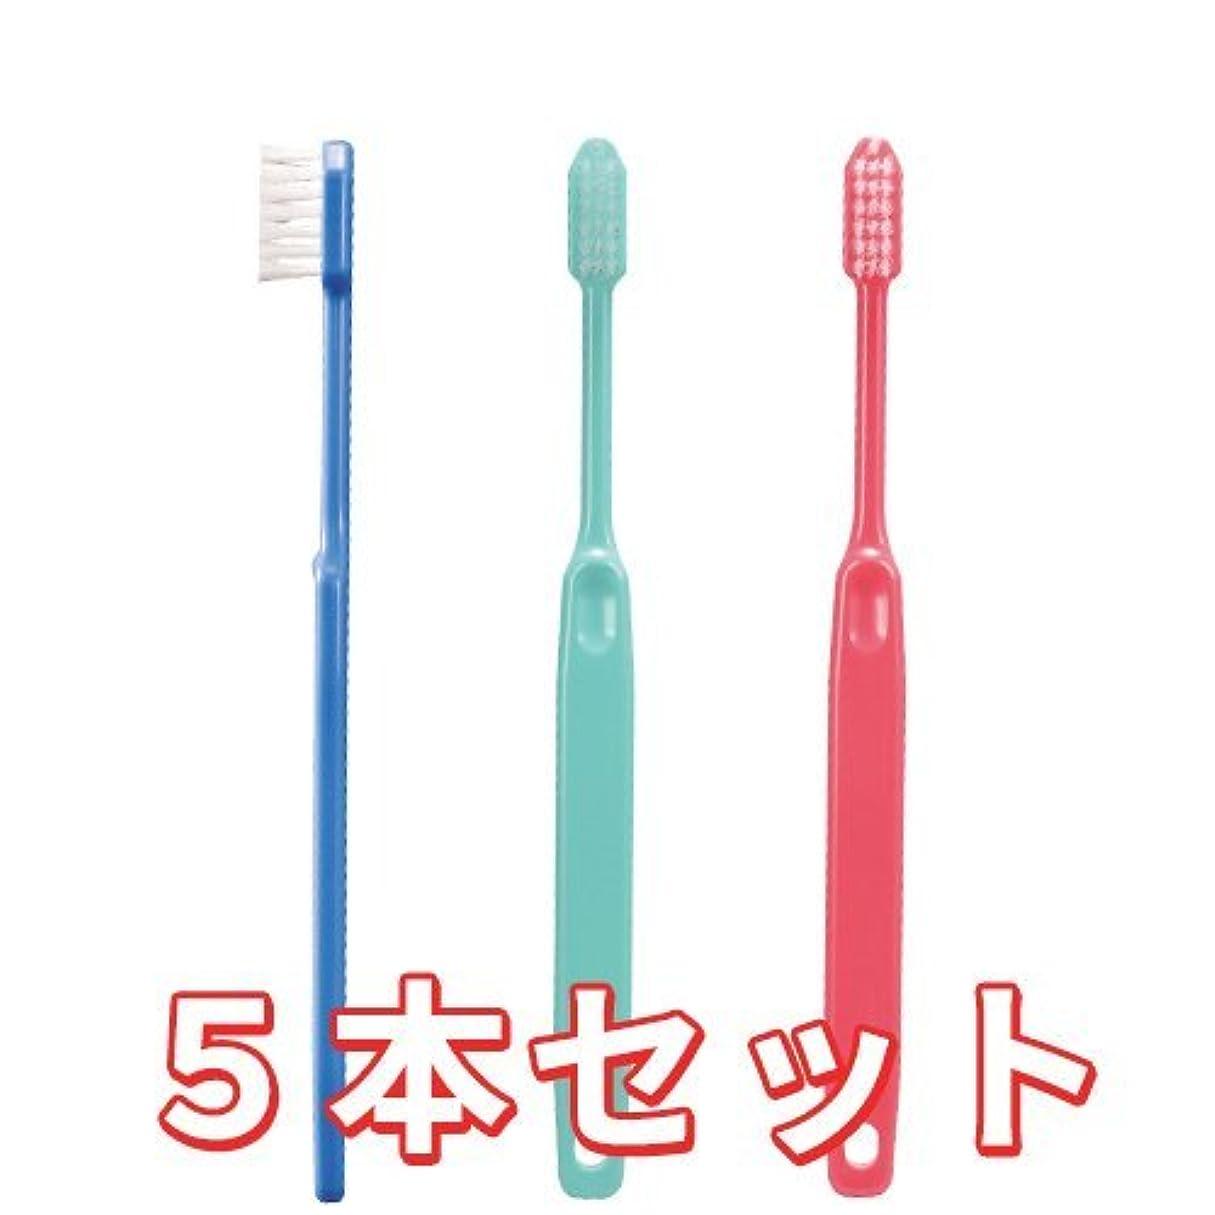 する必要がある装備する三十Ciメディカル 歯ブラシ コンパクトヘッド 疎毛タイプ アソート 5本 (Ci21(かため))